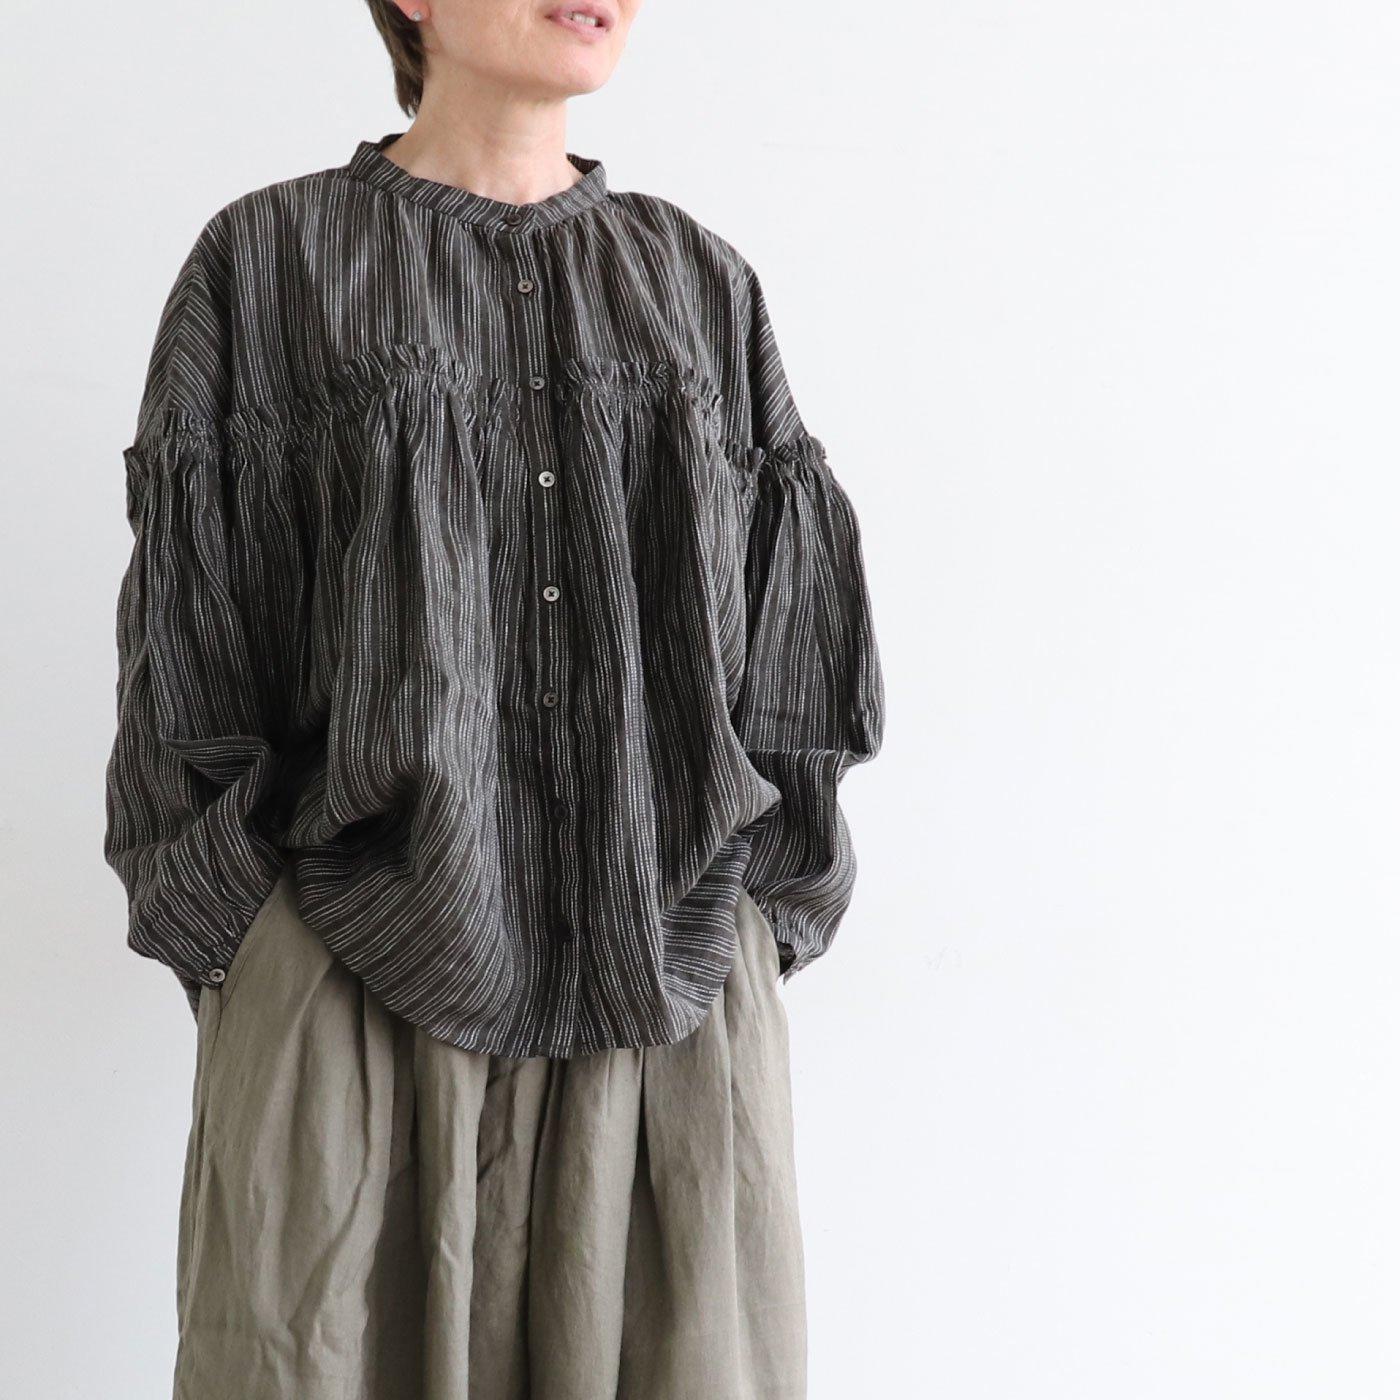 ubasoku リネン素材の胸切り替え長袖ブラウス